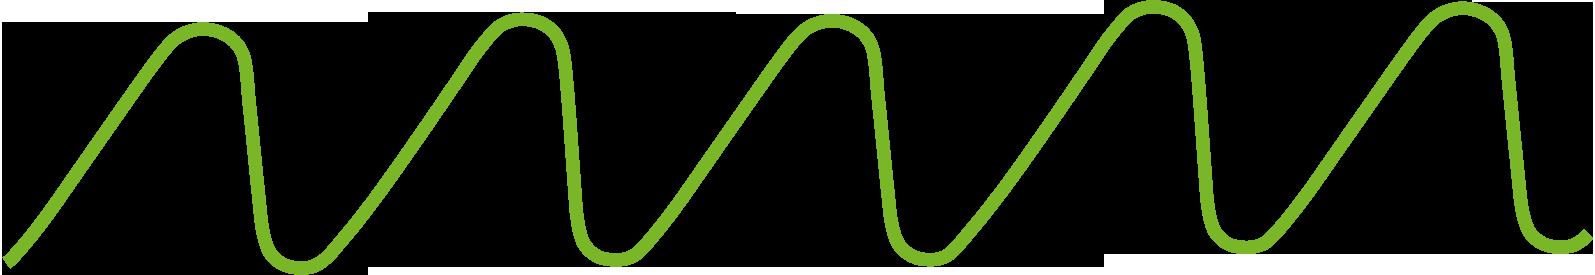 grafik-boelgen-groen